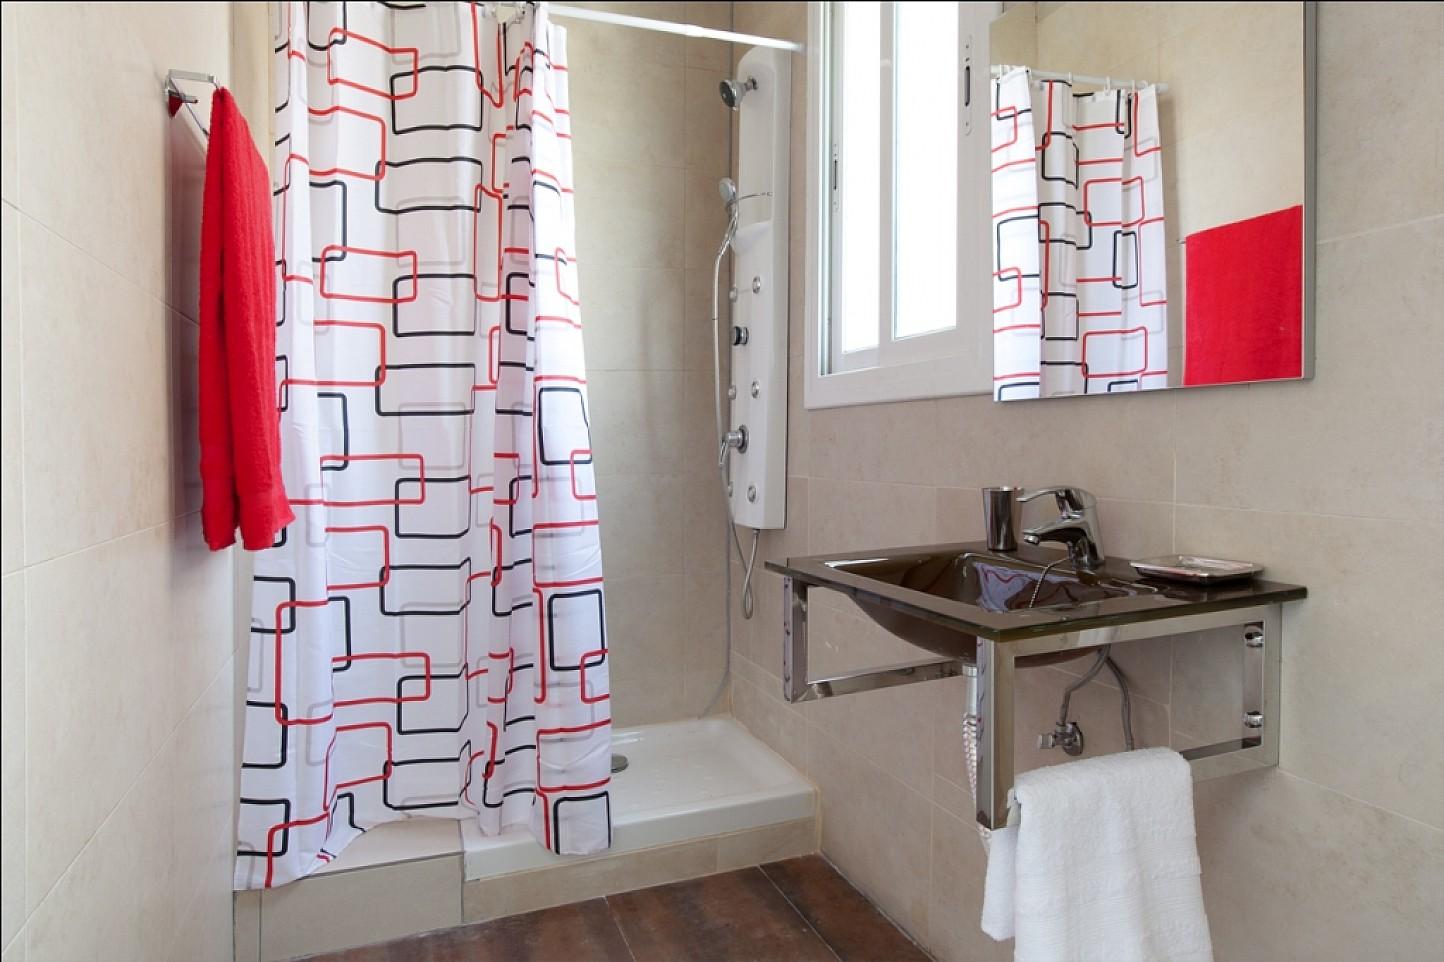 Badezimmer in Luxus-Appartement zur Miete für Studenten in der Calle Guadiana in Barcelona